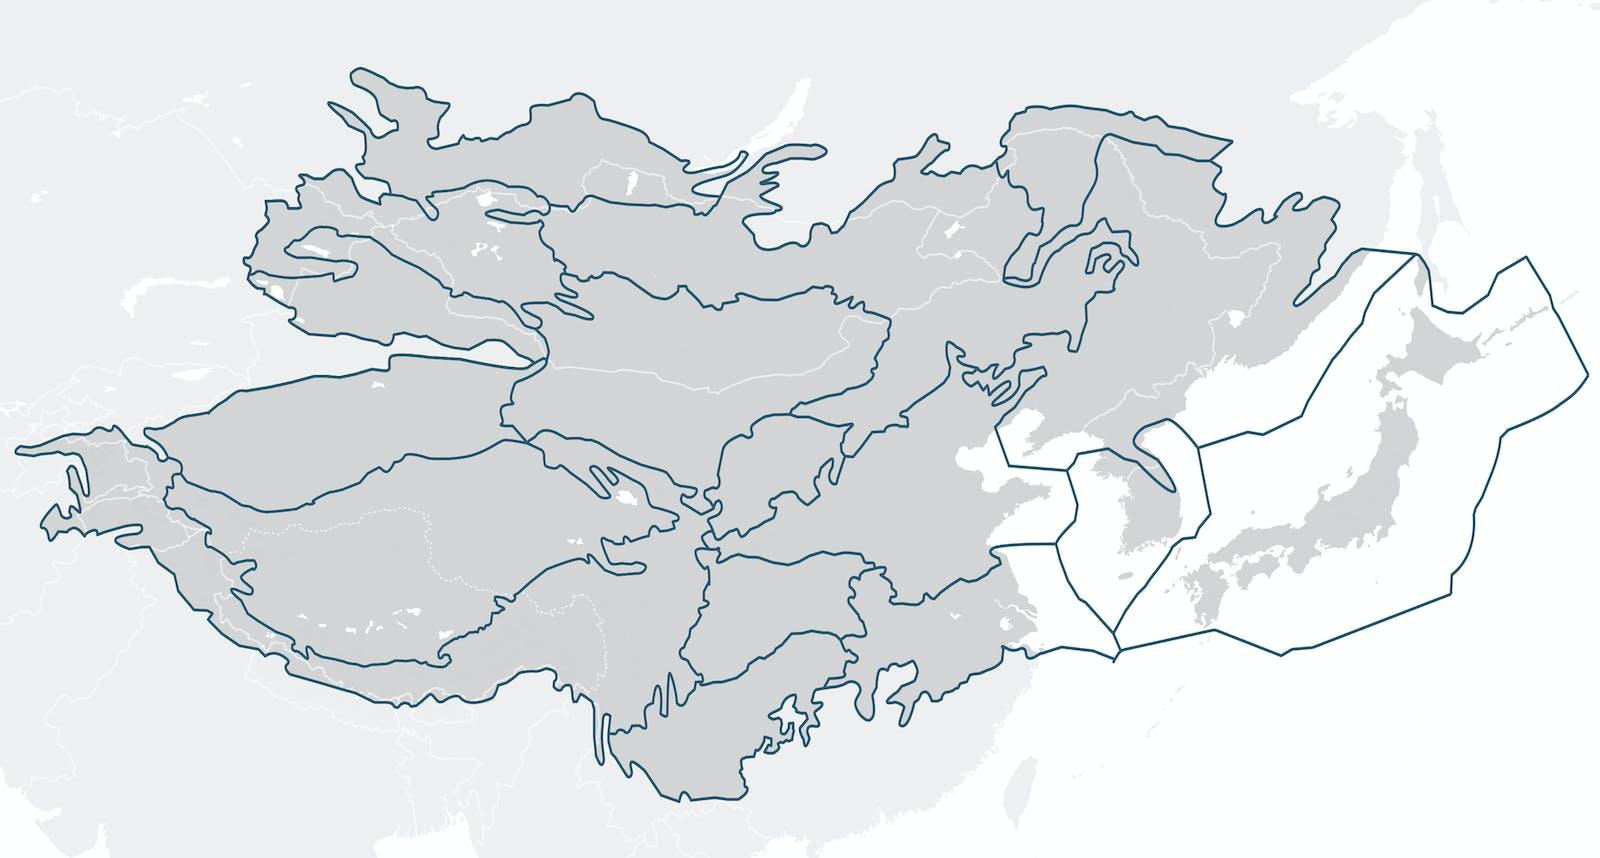 Eastern Eurasia